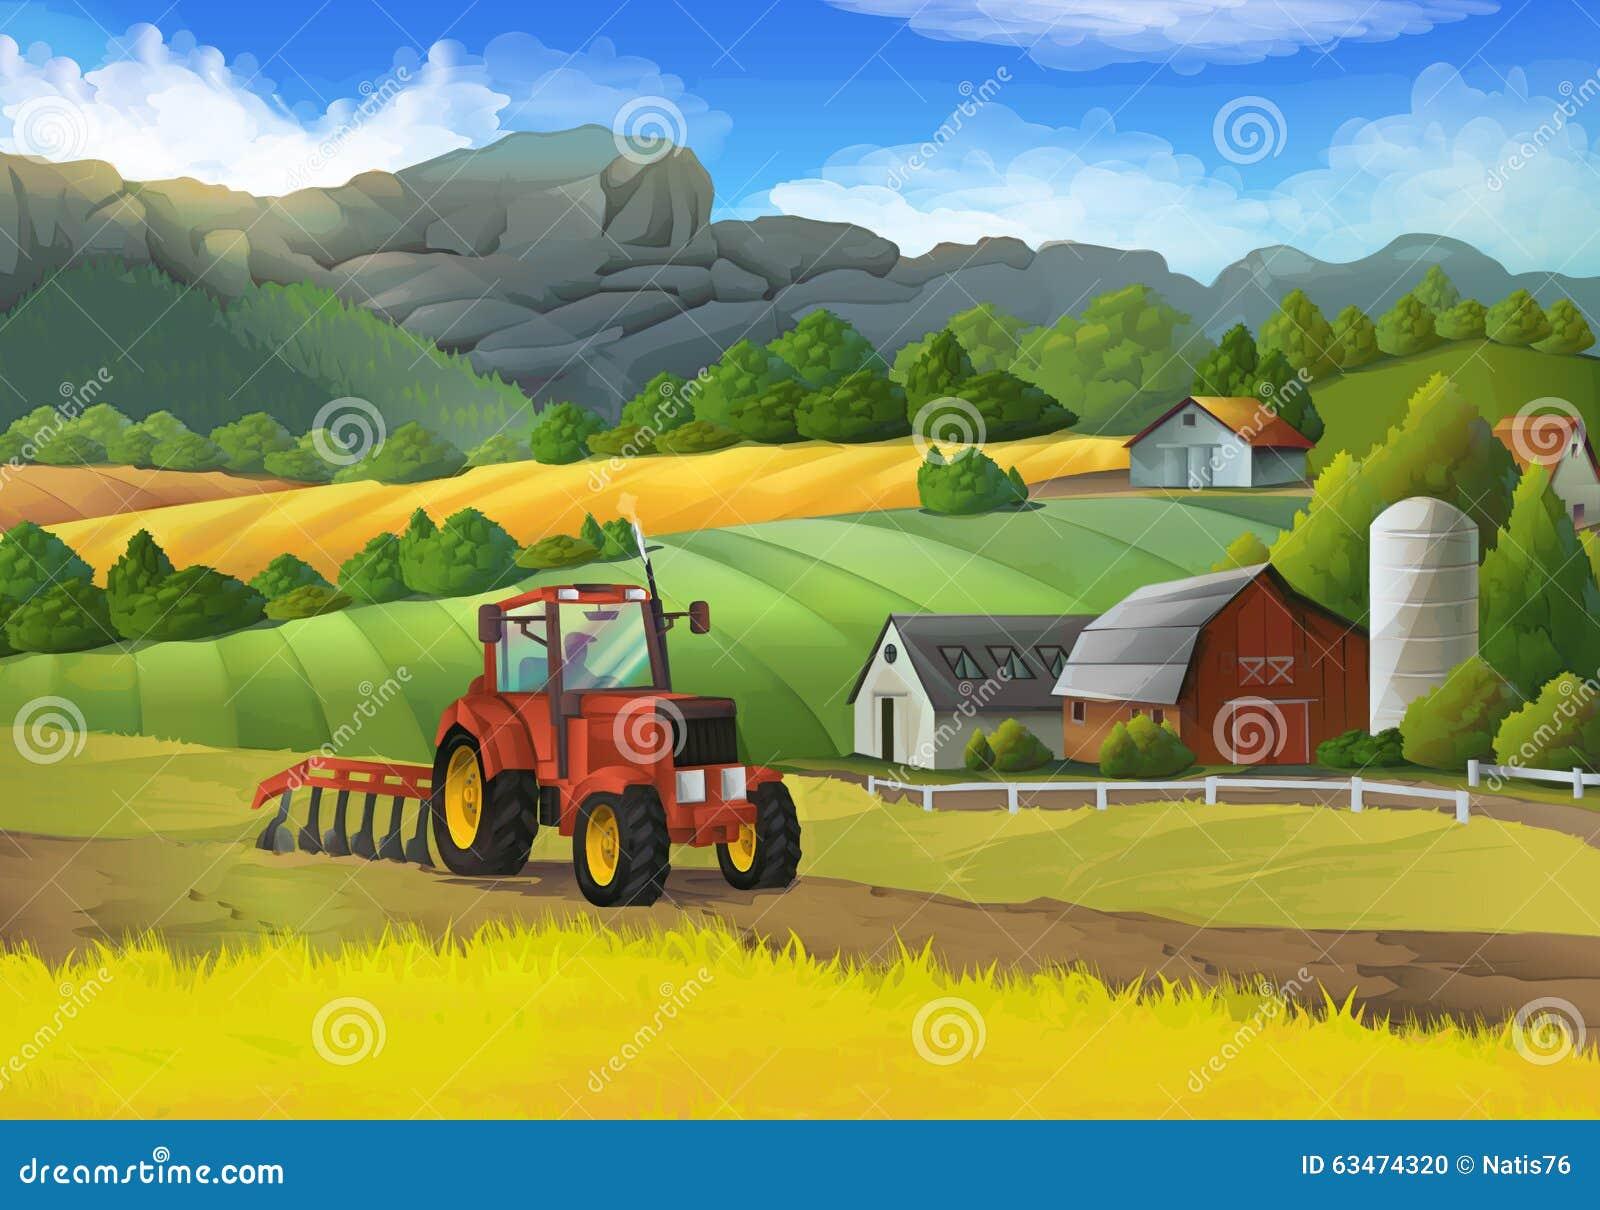 Ländliche Landschaft des Bauernhofes